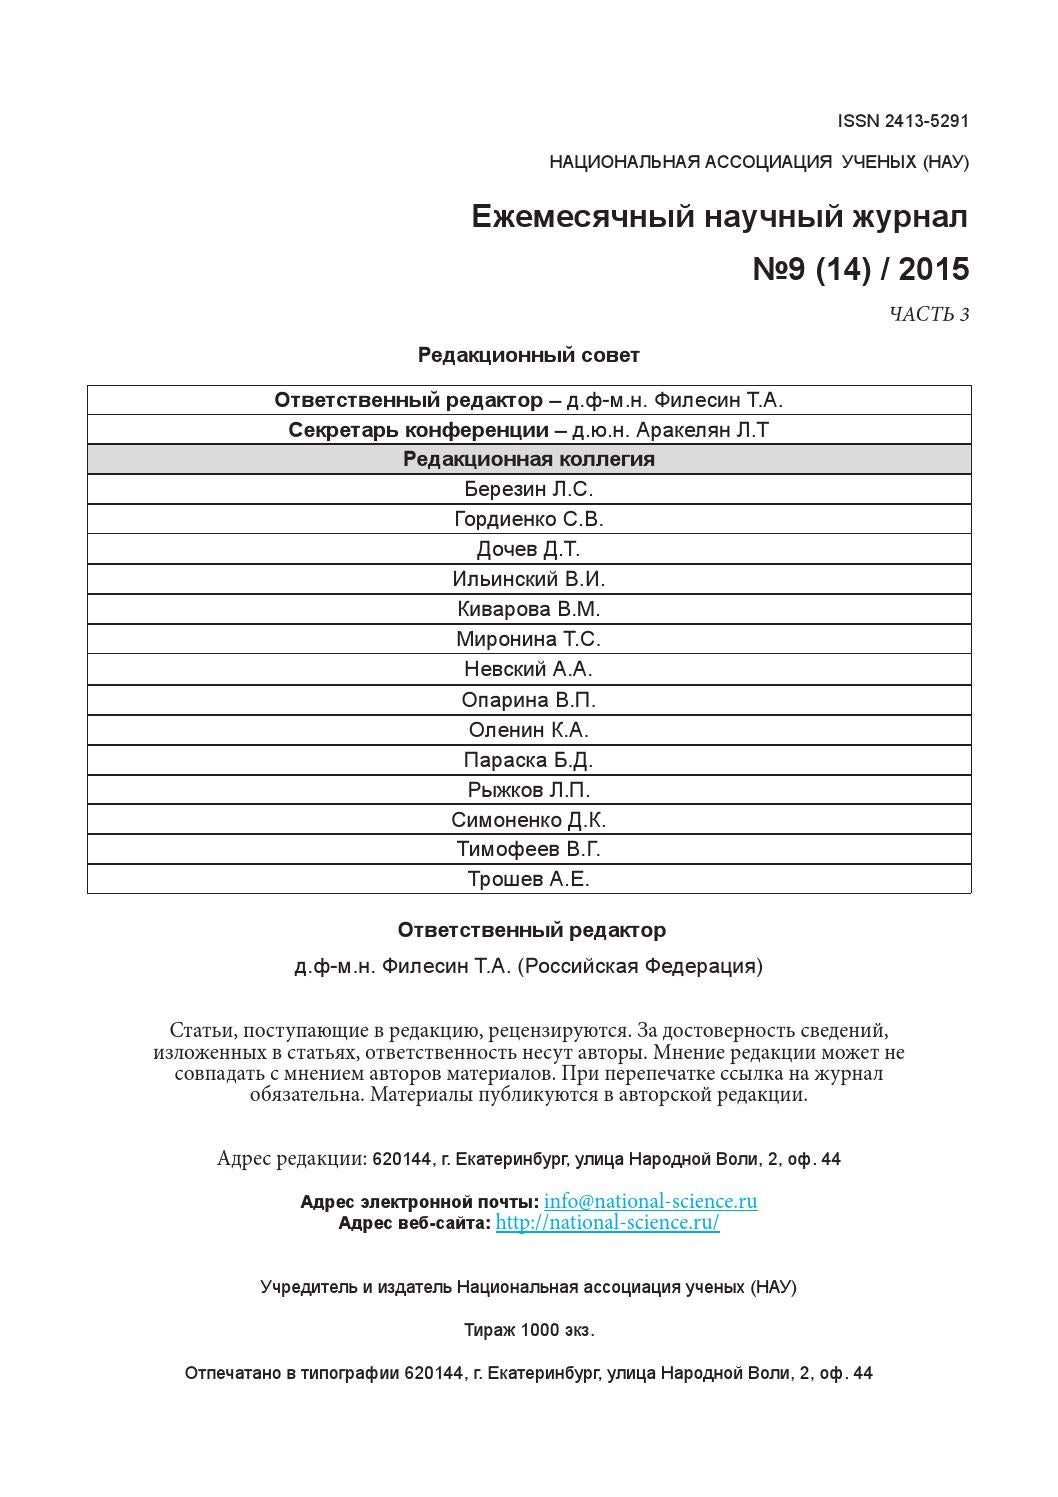 Округлила оклад с 50 копеек до рубля в штатном расписании